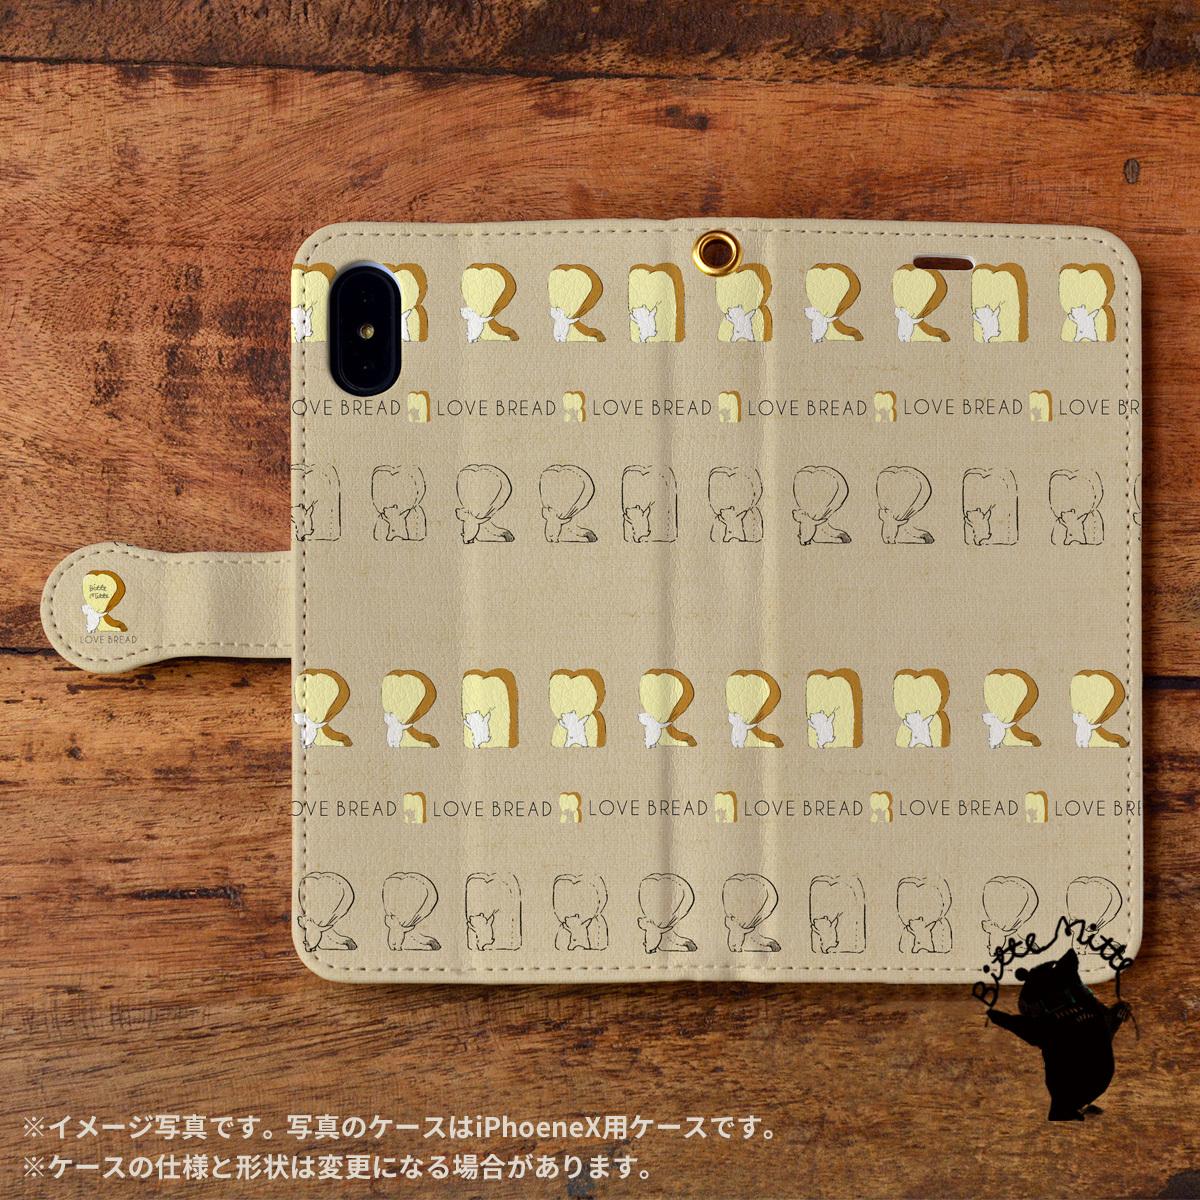 iphone8 スマホケース おしゃれ iphone8 ケース 手帳 大人かわいい iphone x ケース 手帳型 おしゃれ アイフォンテン ケース 手帳型 Galaxy Xperia パン シロクマ 白くま しろくま LOVE BREAD/Bitte Mitte!